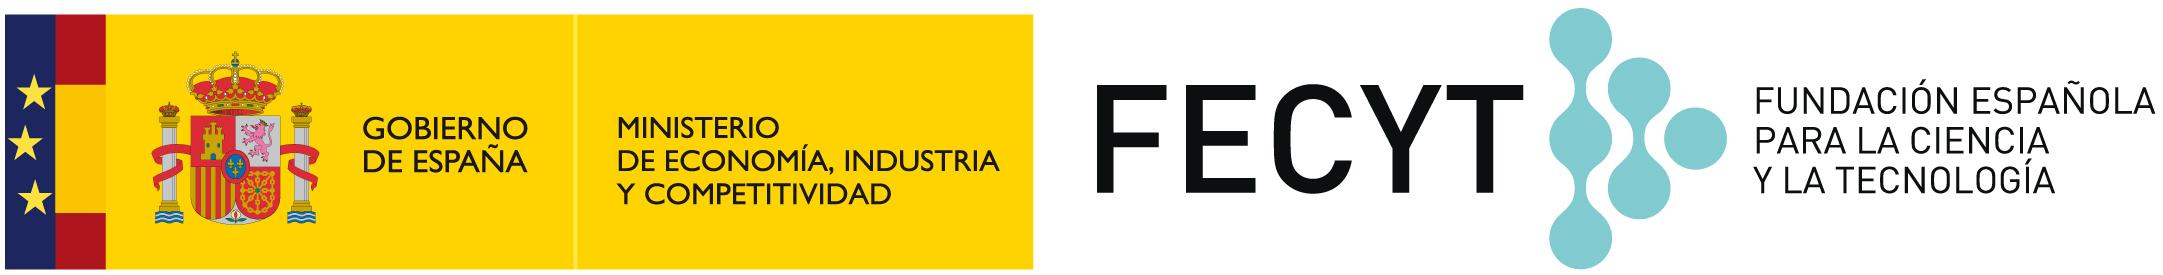 con la colaboración de la Fundación Española para la Ciencia y la Tecnología - Ministerio de Economía, Industria y Competitividad